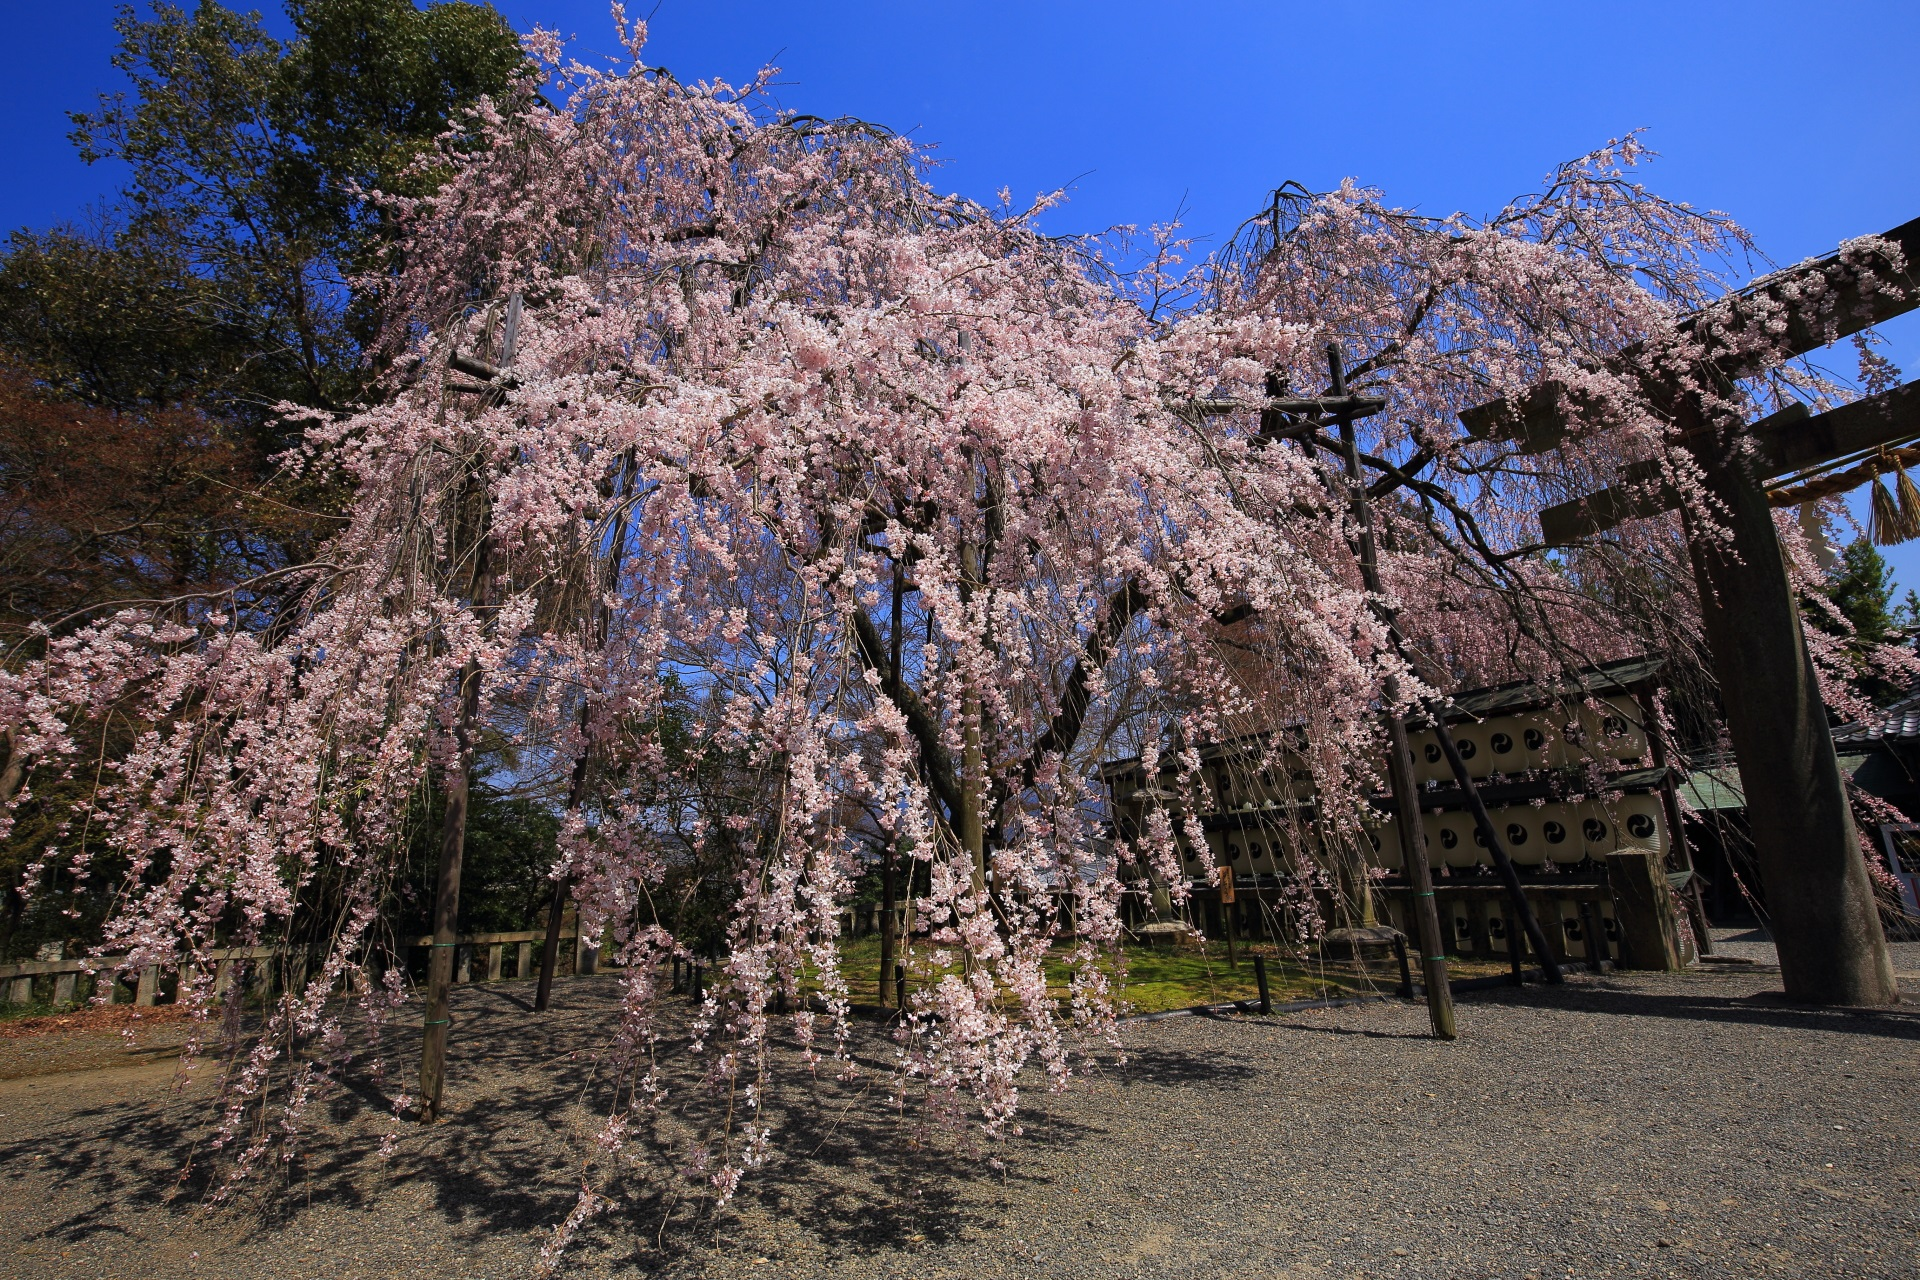 別の場所や角度から眺めた大石桜